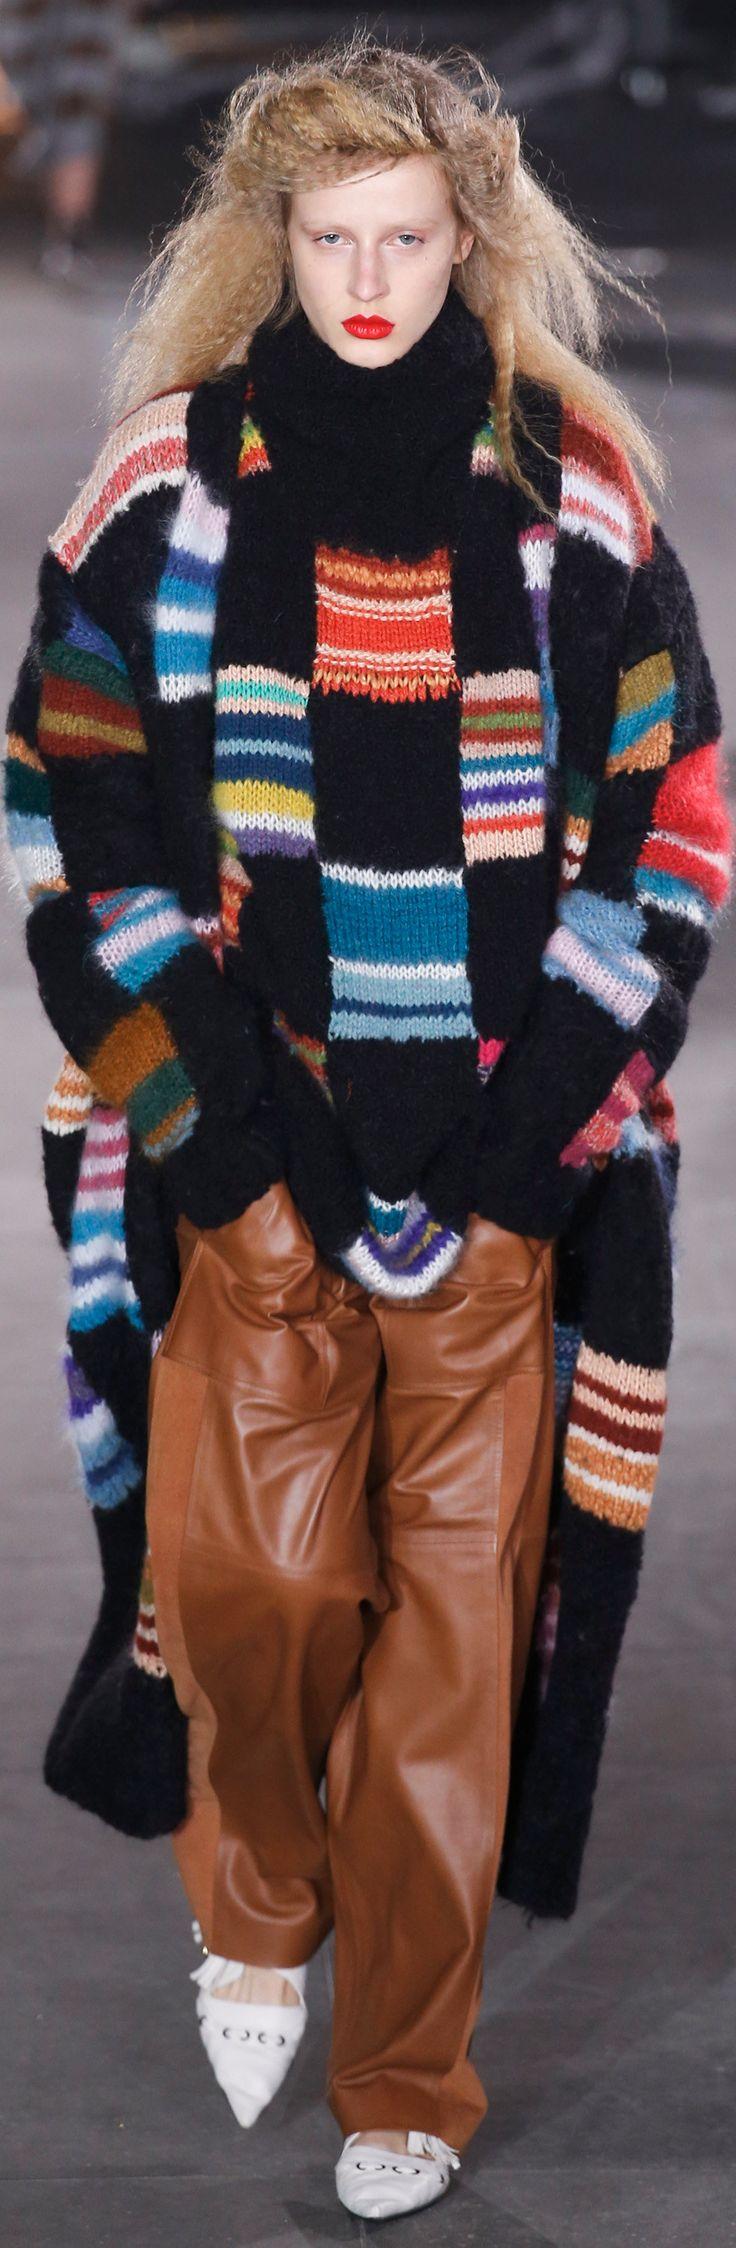 3D knitwear